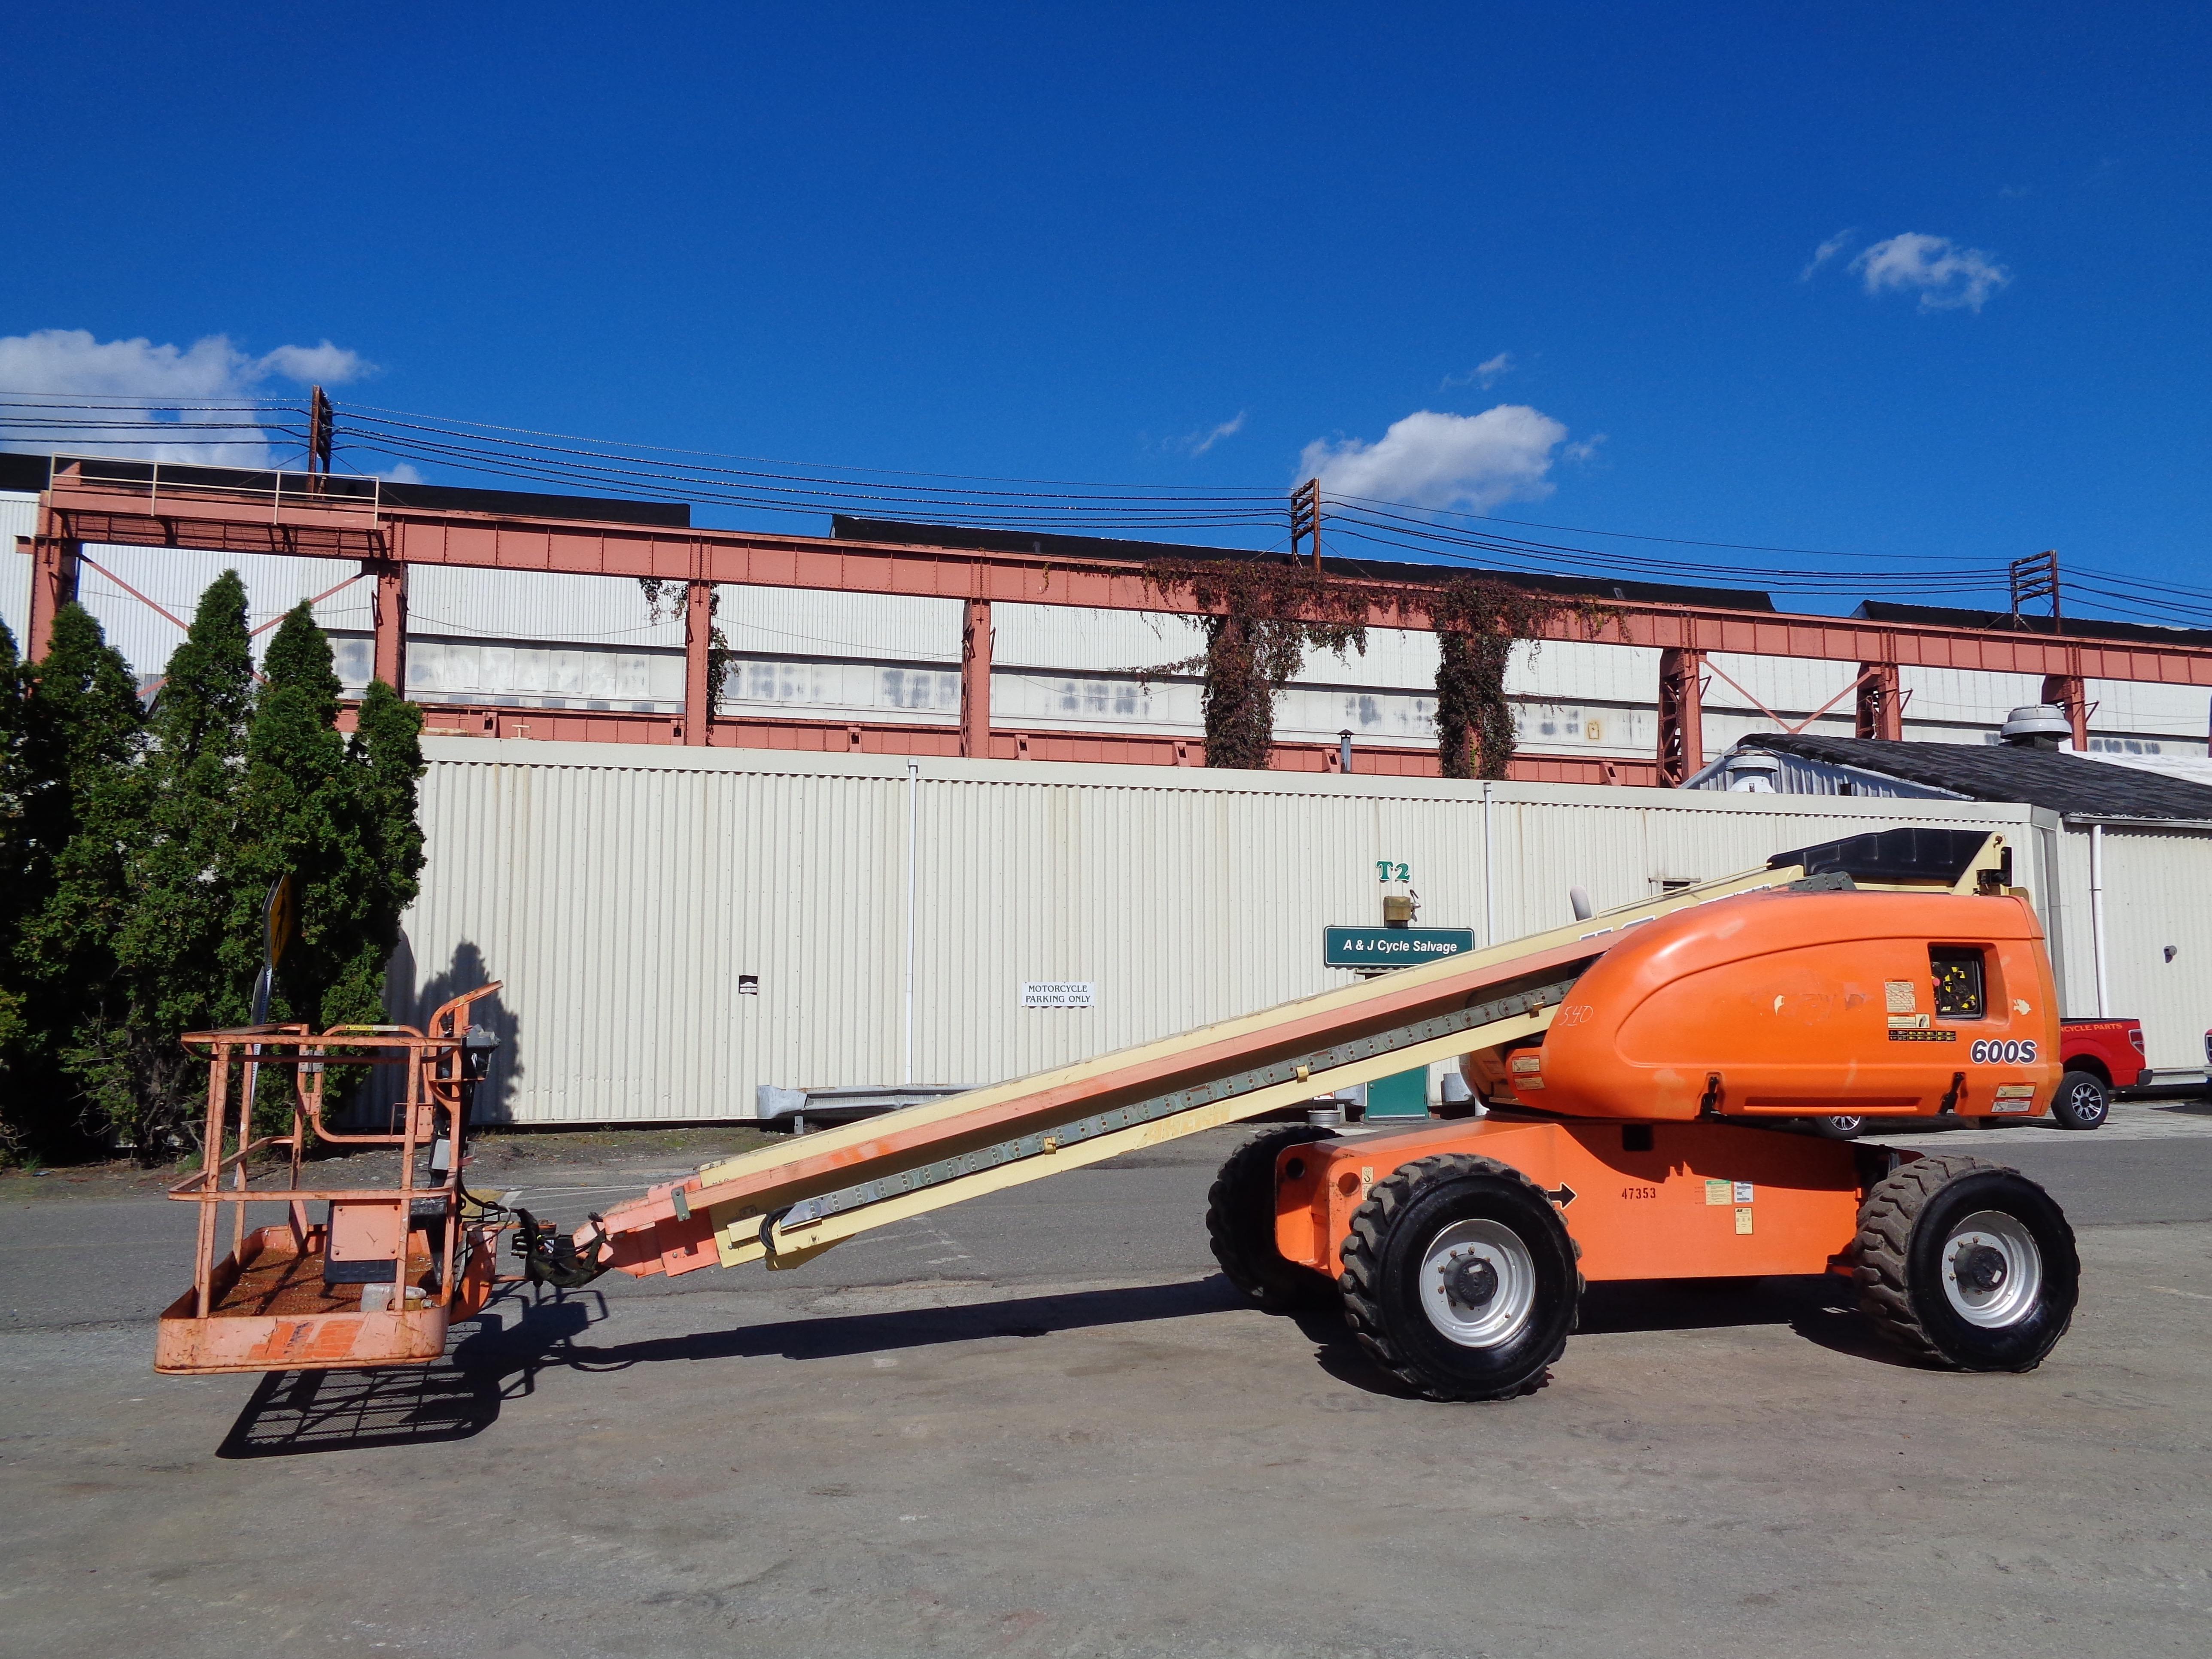 Lot 40 - JLG 600S Boom Lift - 4x4 - 60ft Height